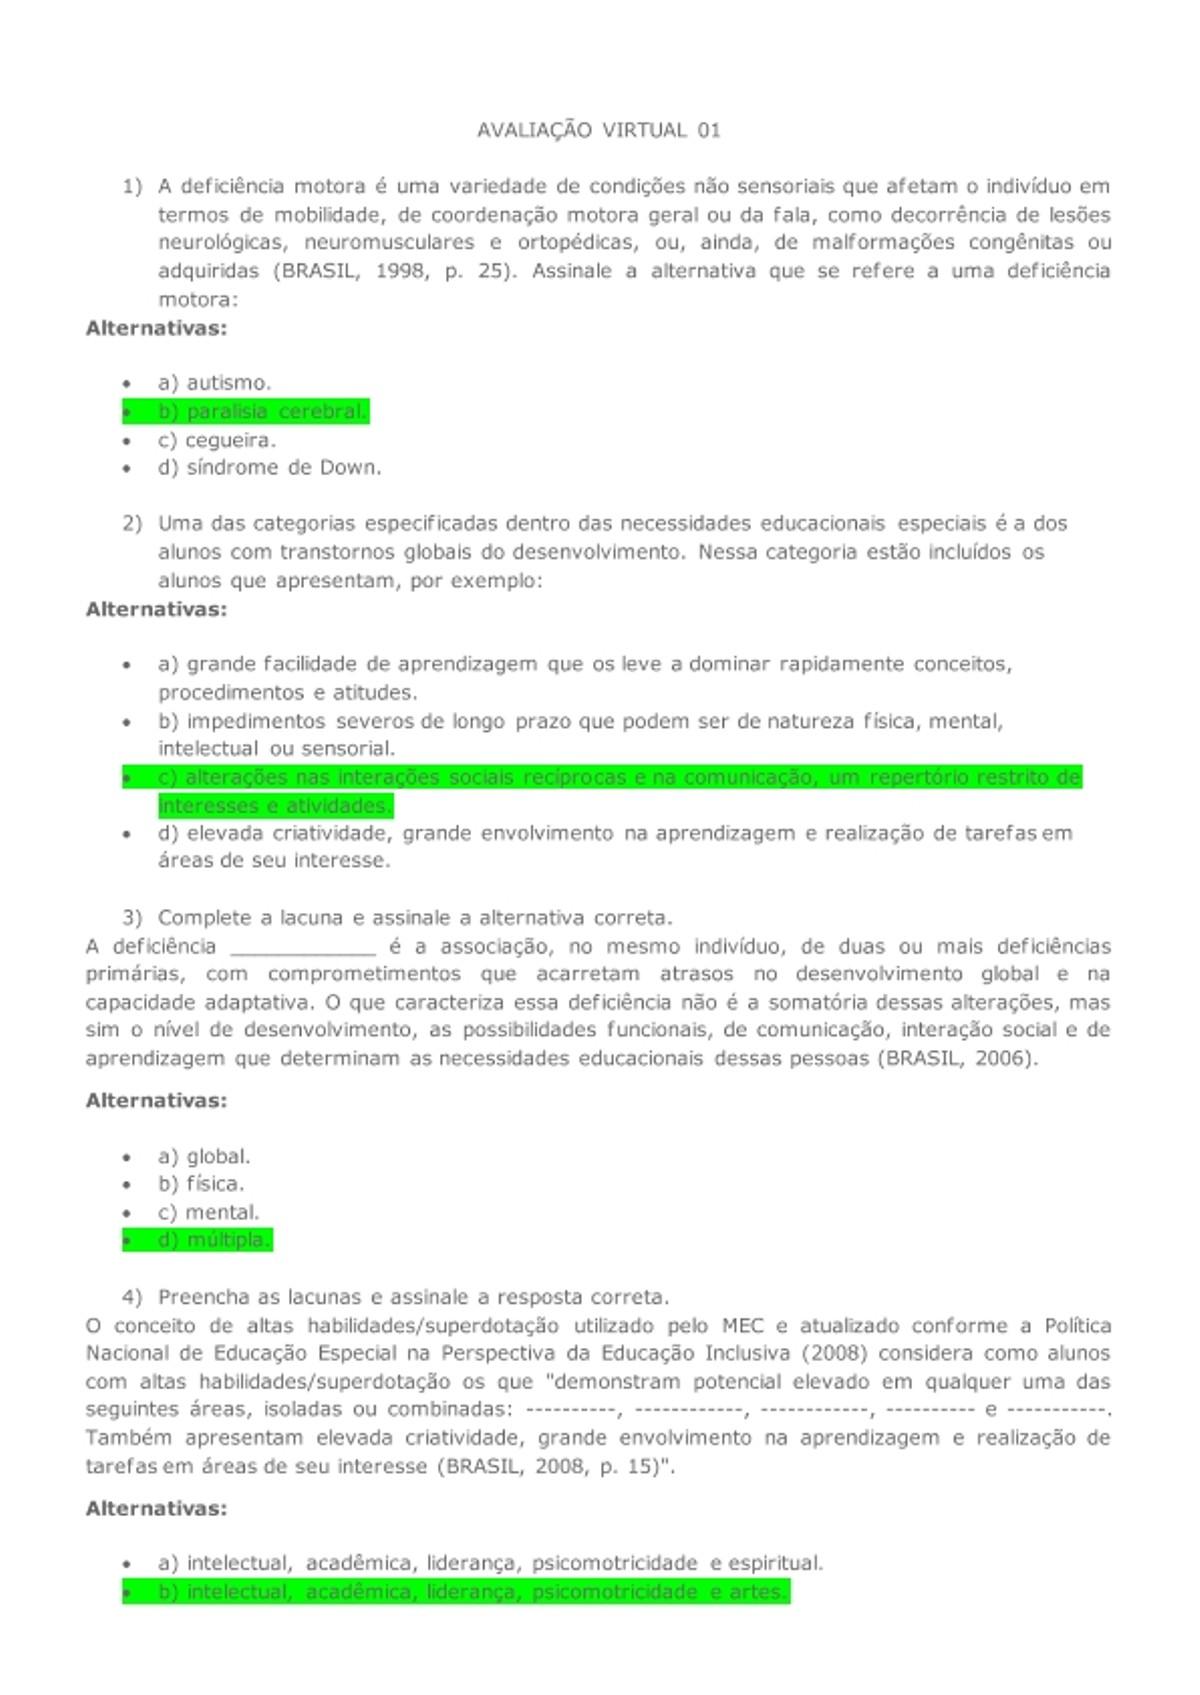 Pre-visualização do material AVALIAÇÃO VIRTUAL 01 - página 1